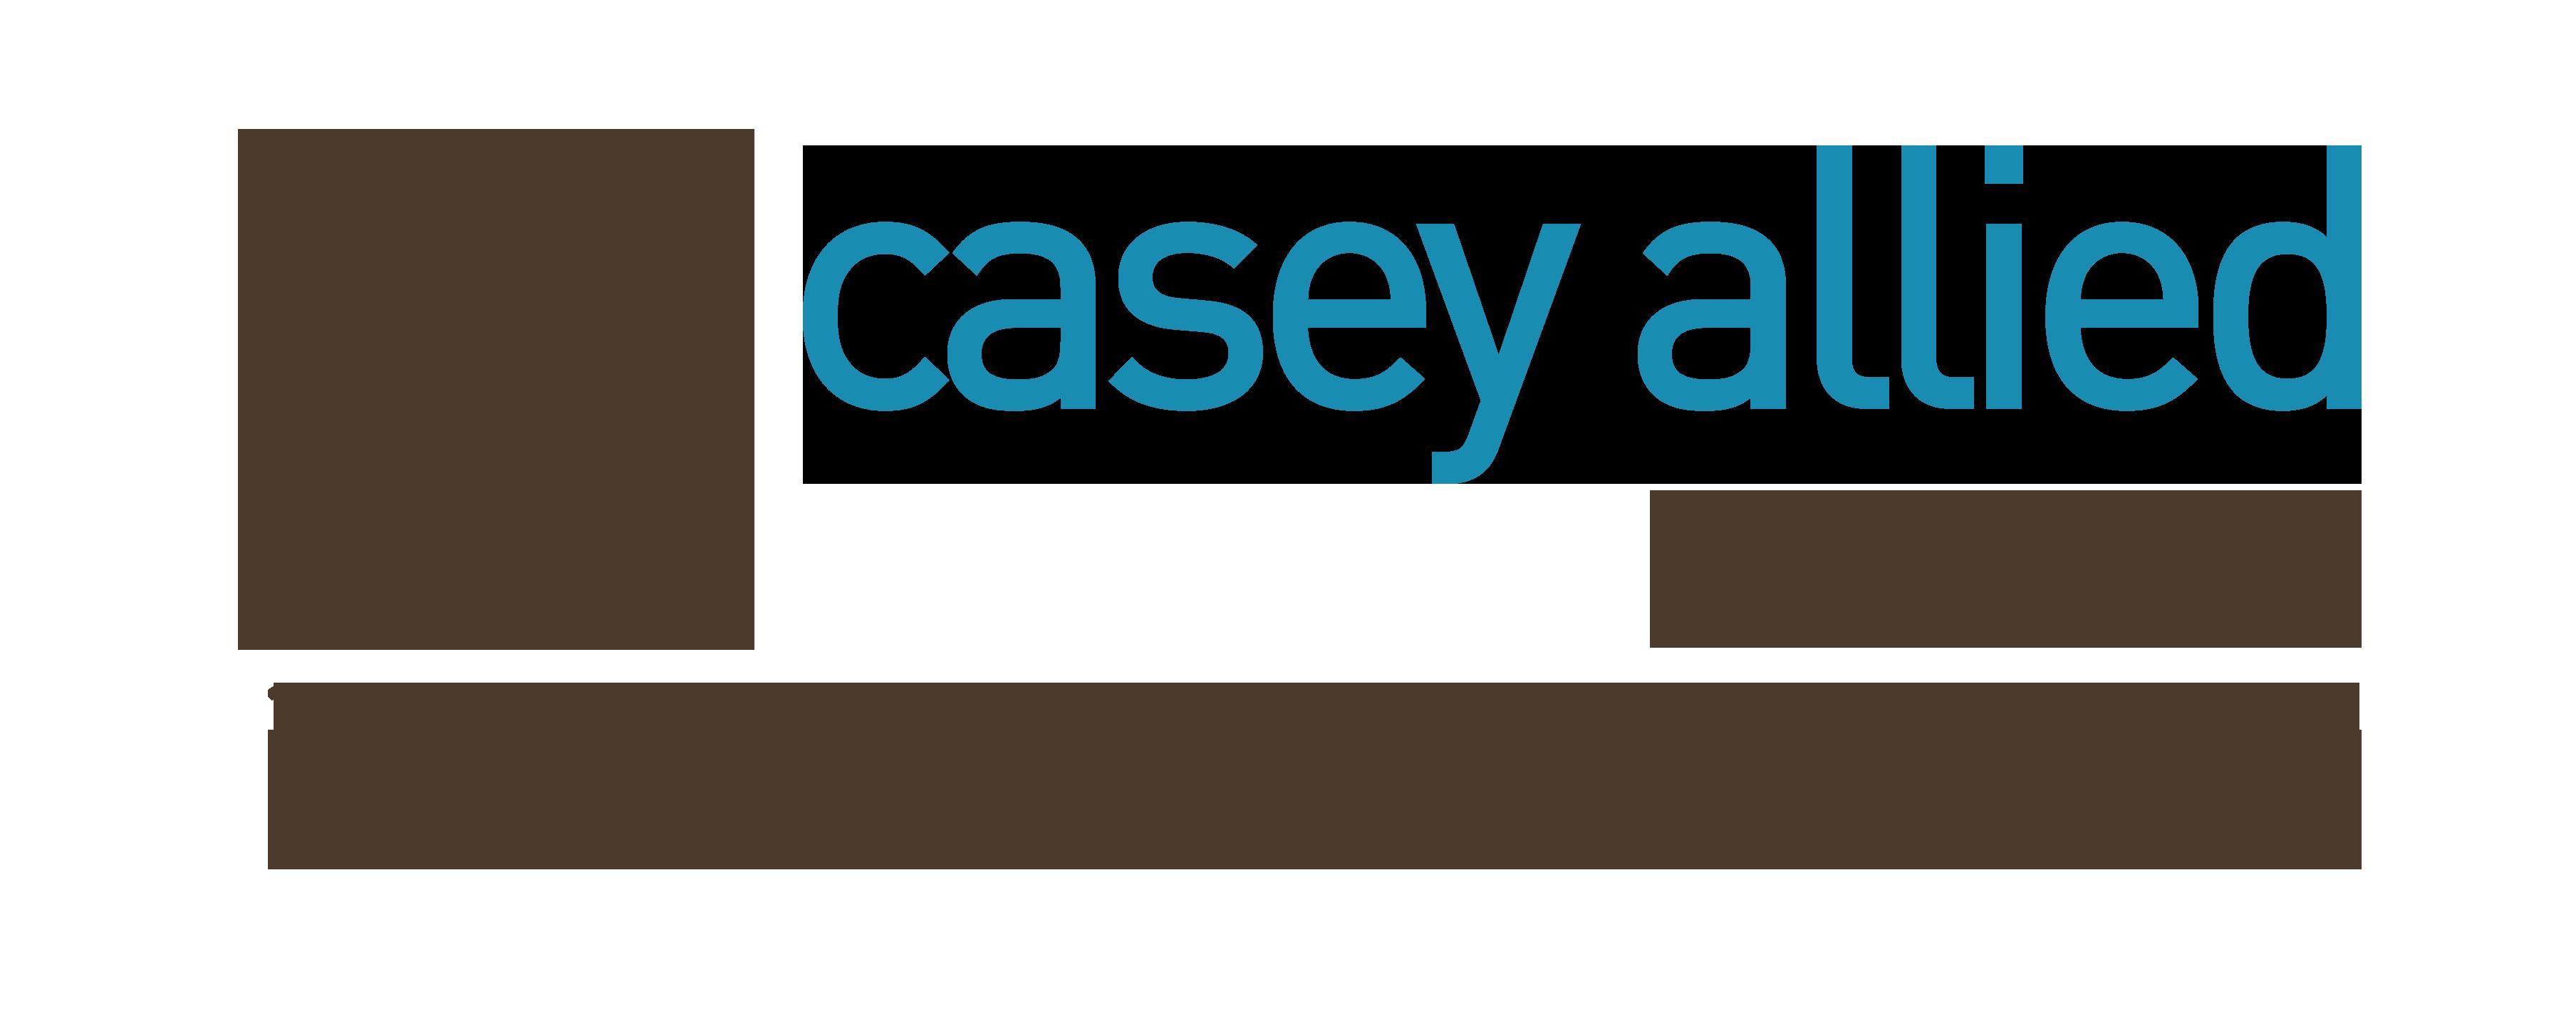 casey-logo-remake